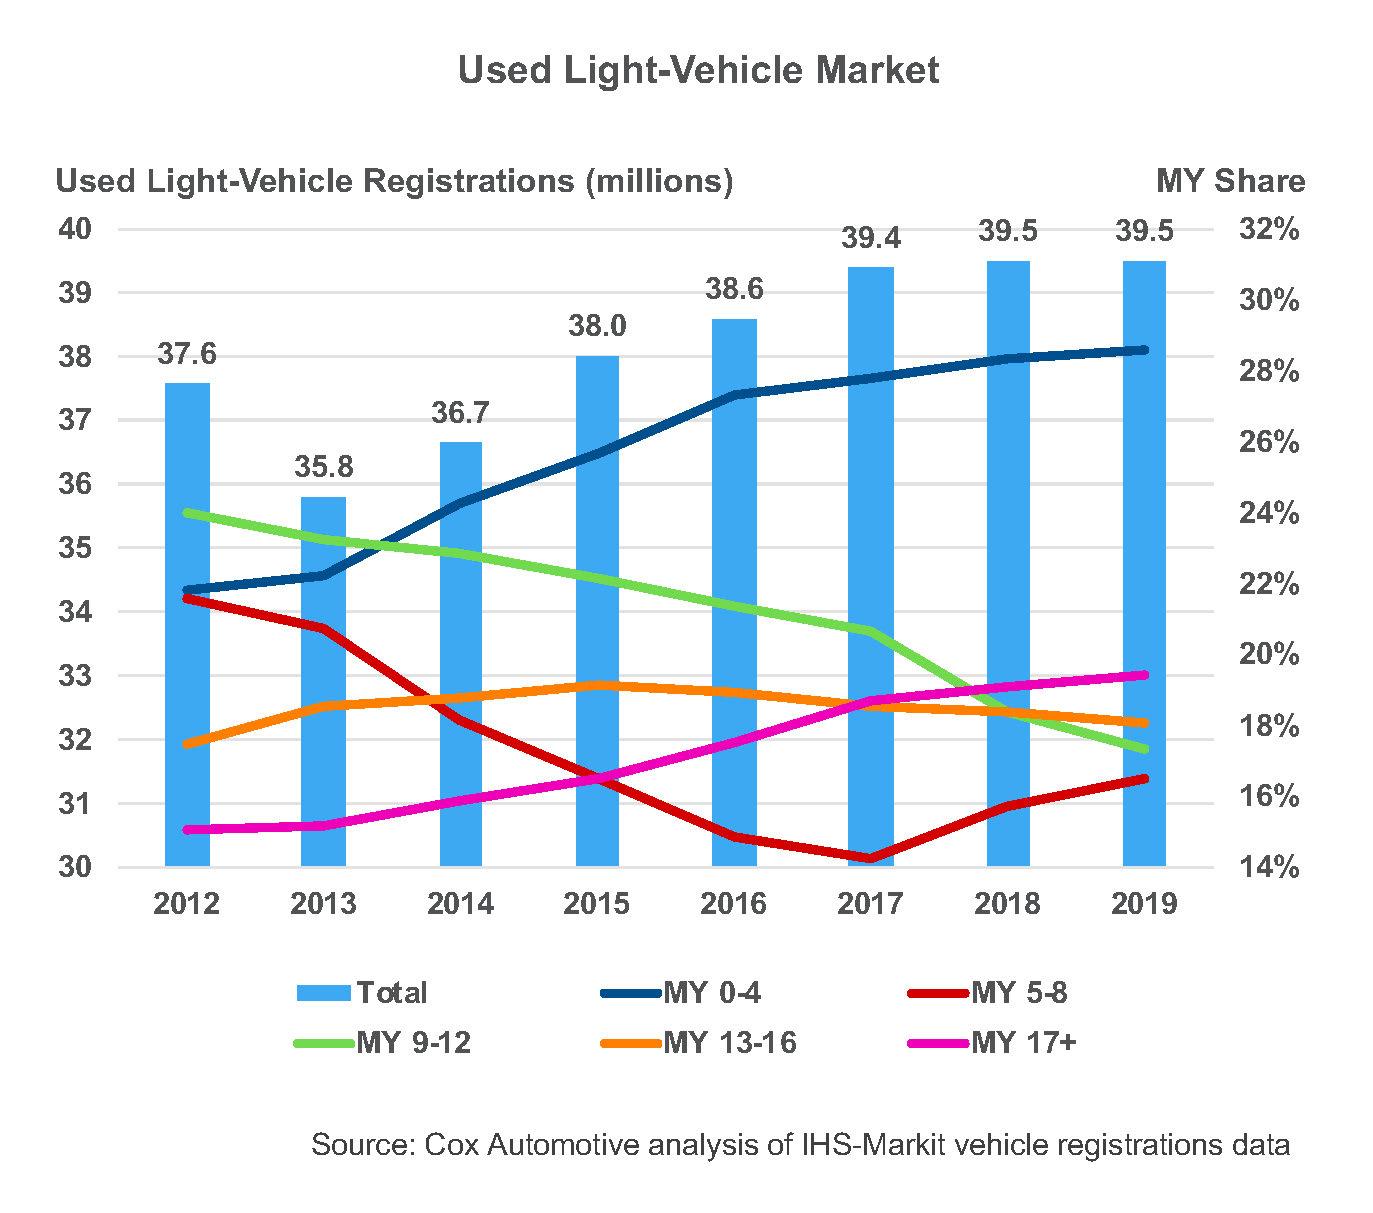 Used light vehicle market